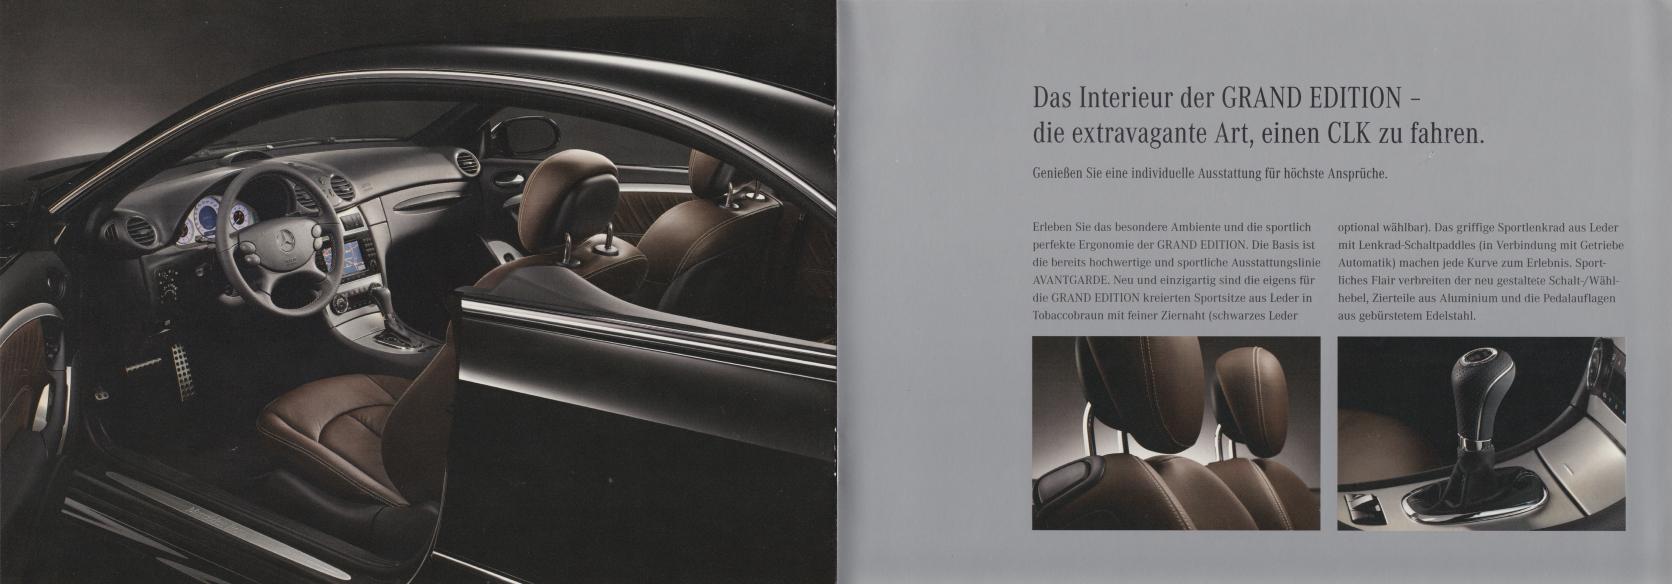 (A/C209): Catálogo 2008 - Grand Edition - alemão 006